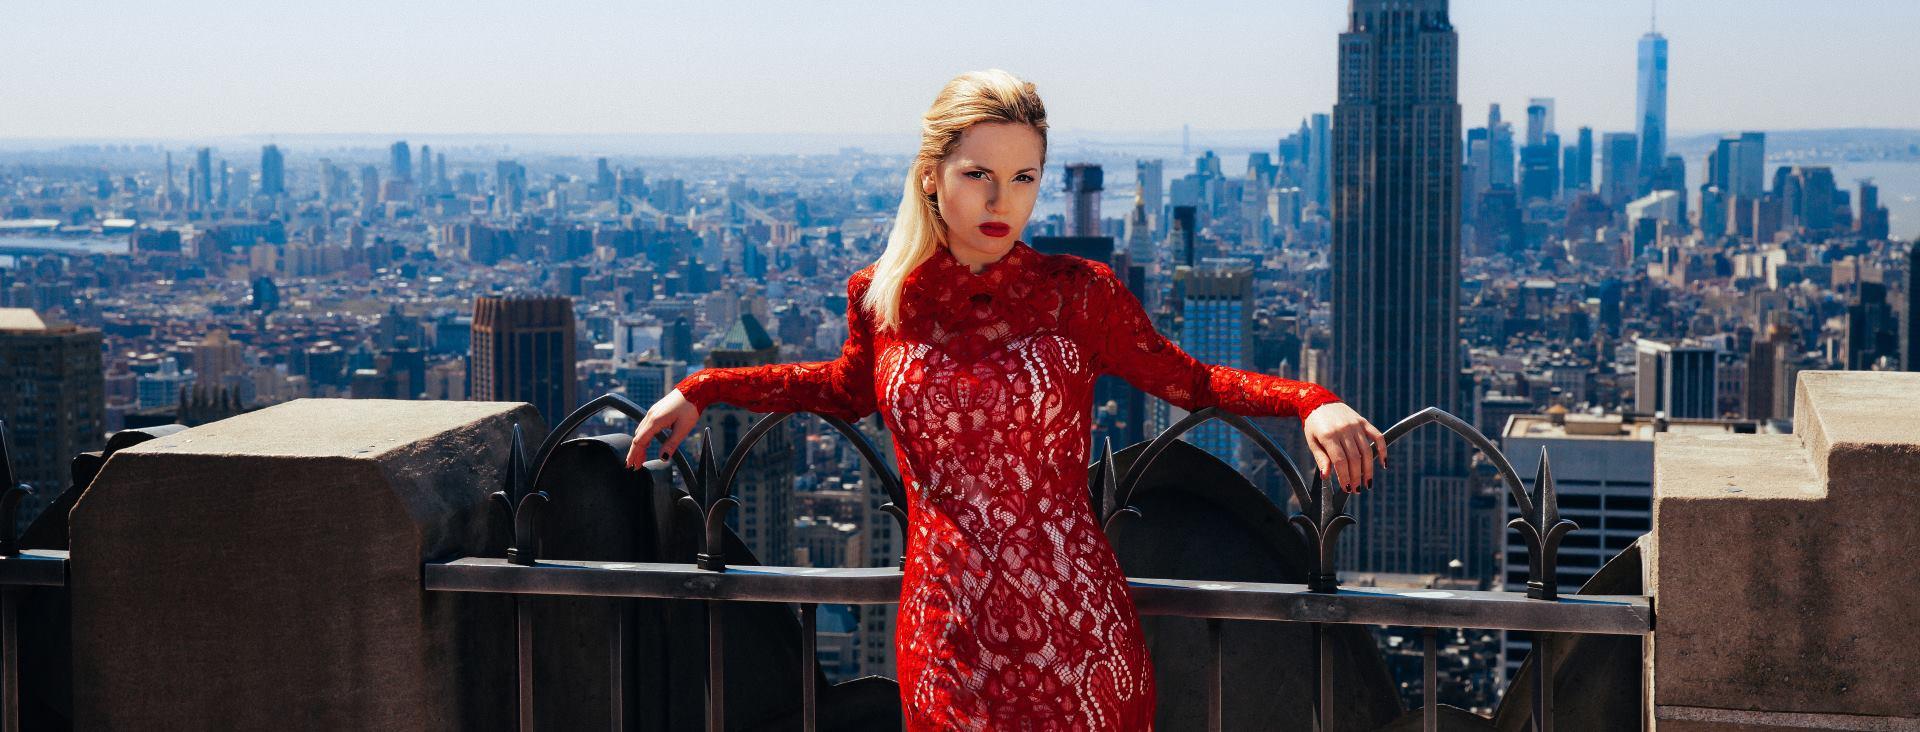 FOTO: Vesna SPOSA predstavlja jesensku kolekciju 'New York City'